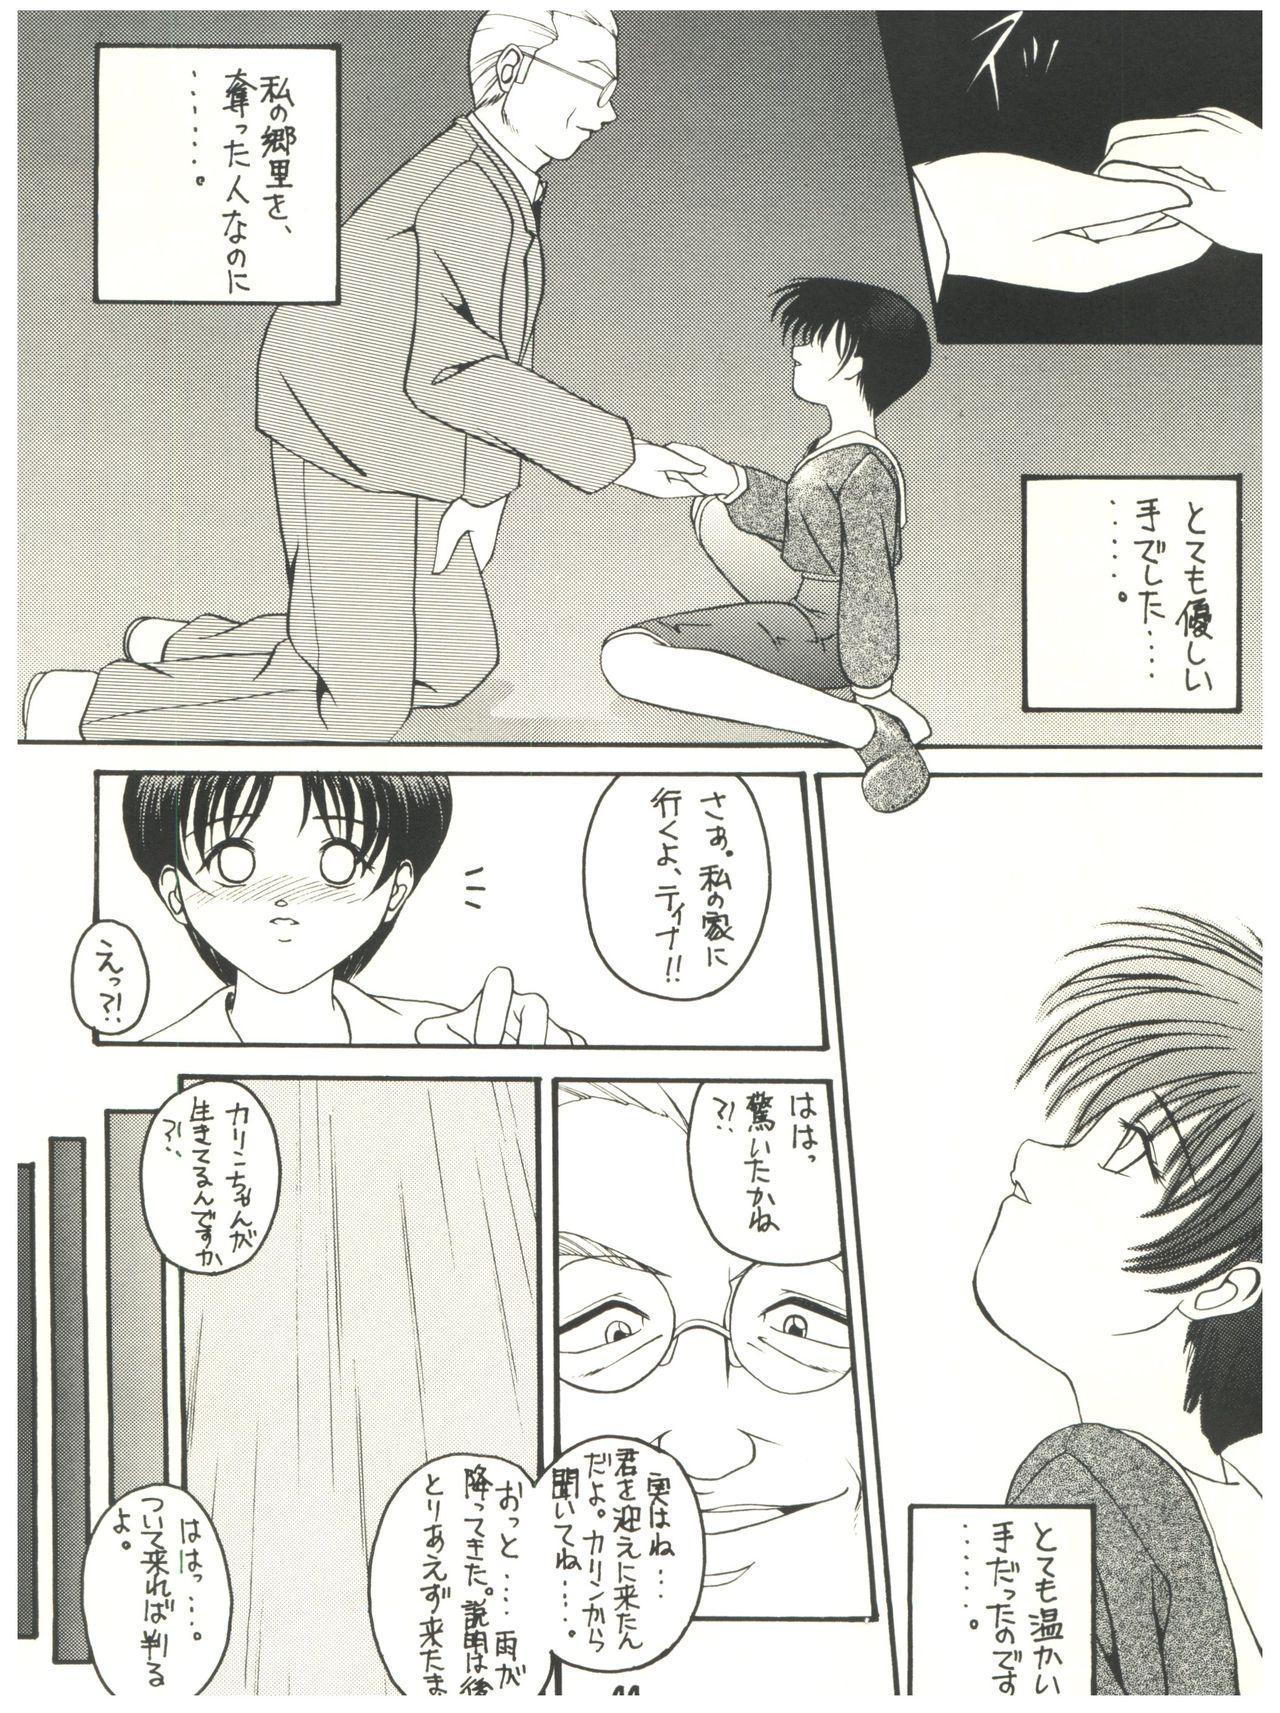 [Sairo Publishing (J. Sairo) En-Jack 2 (Various) 43